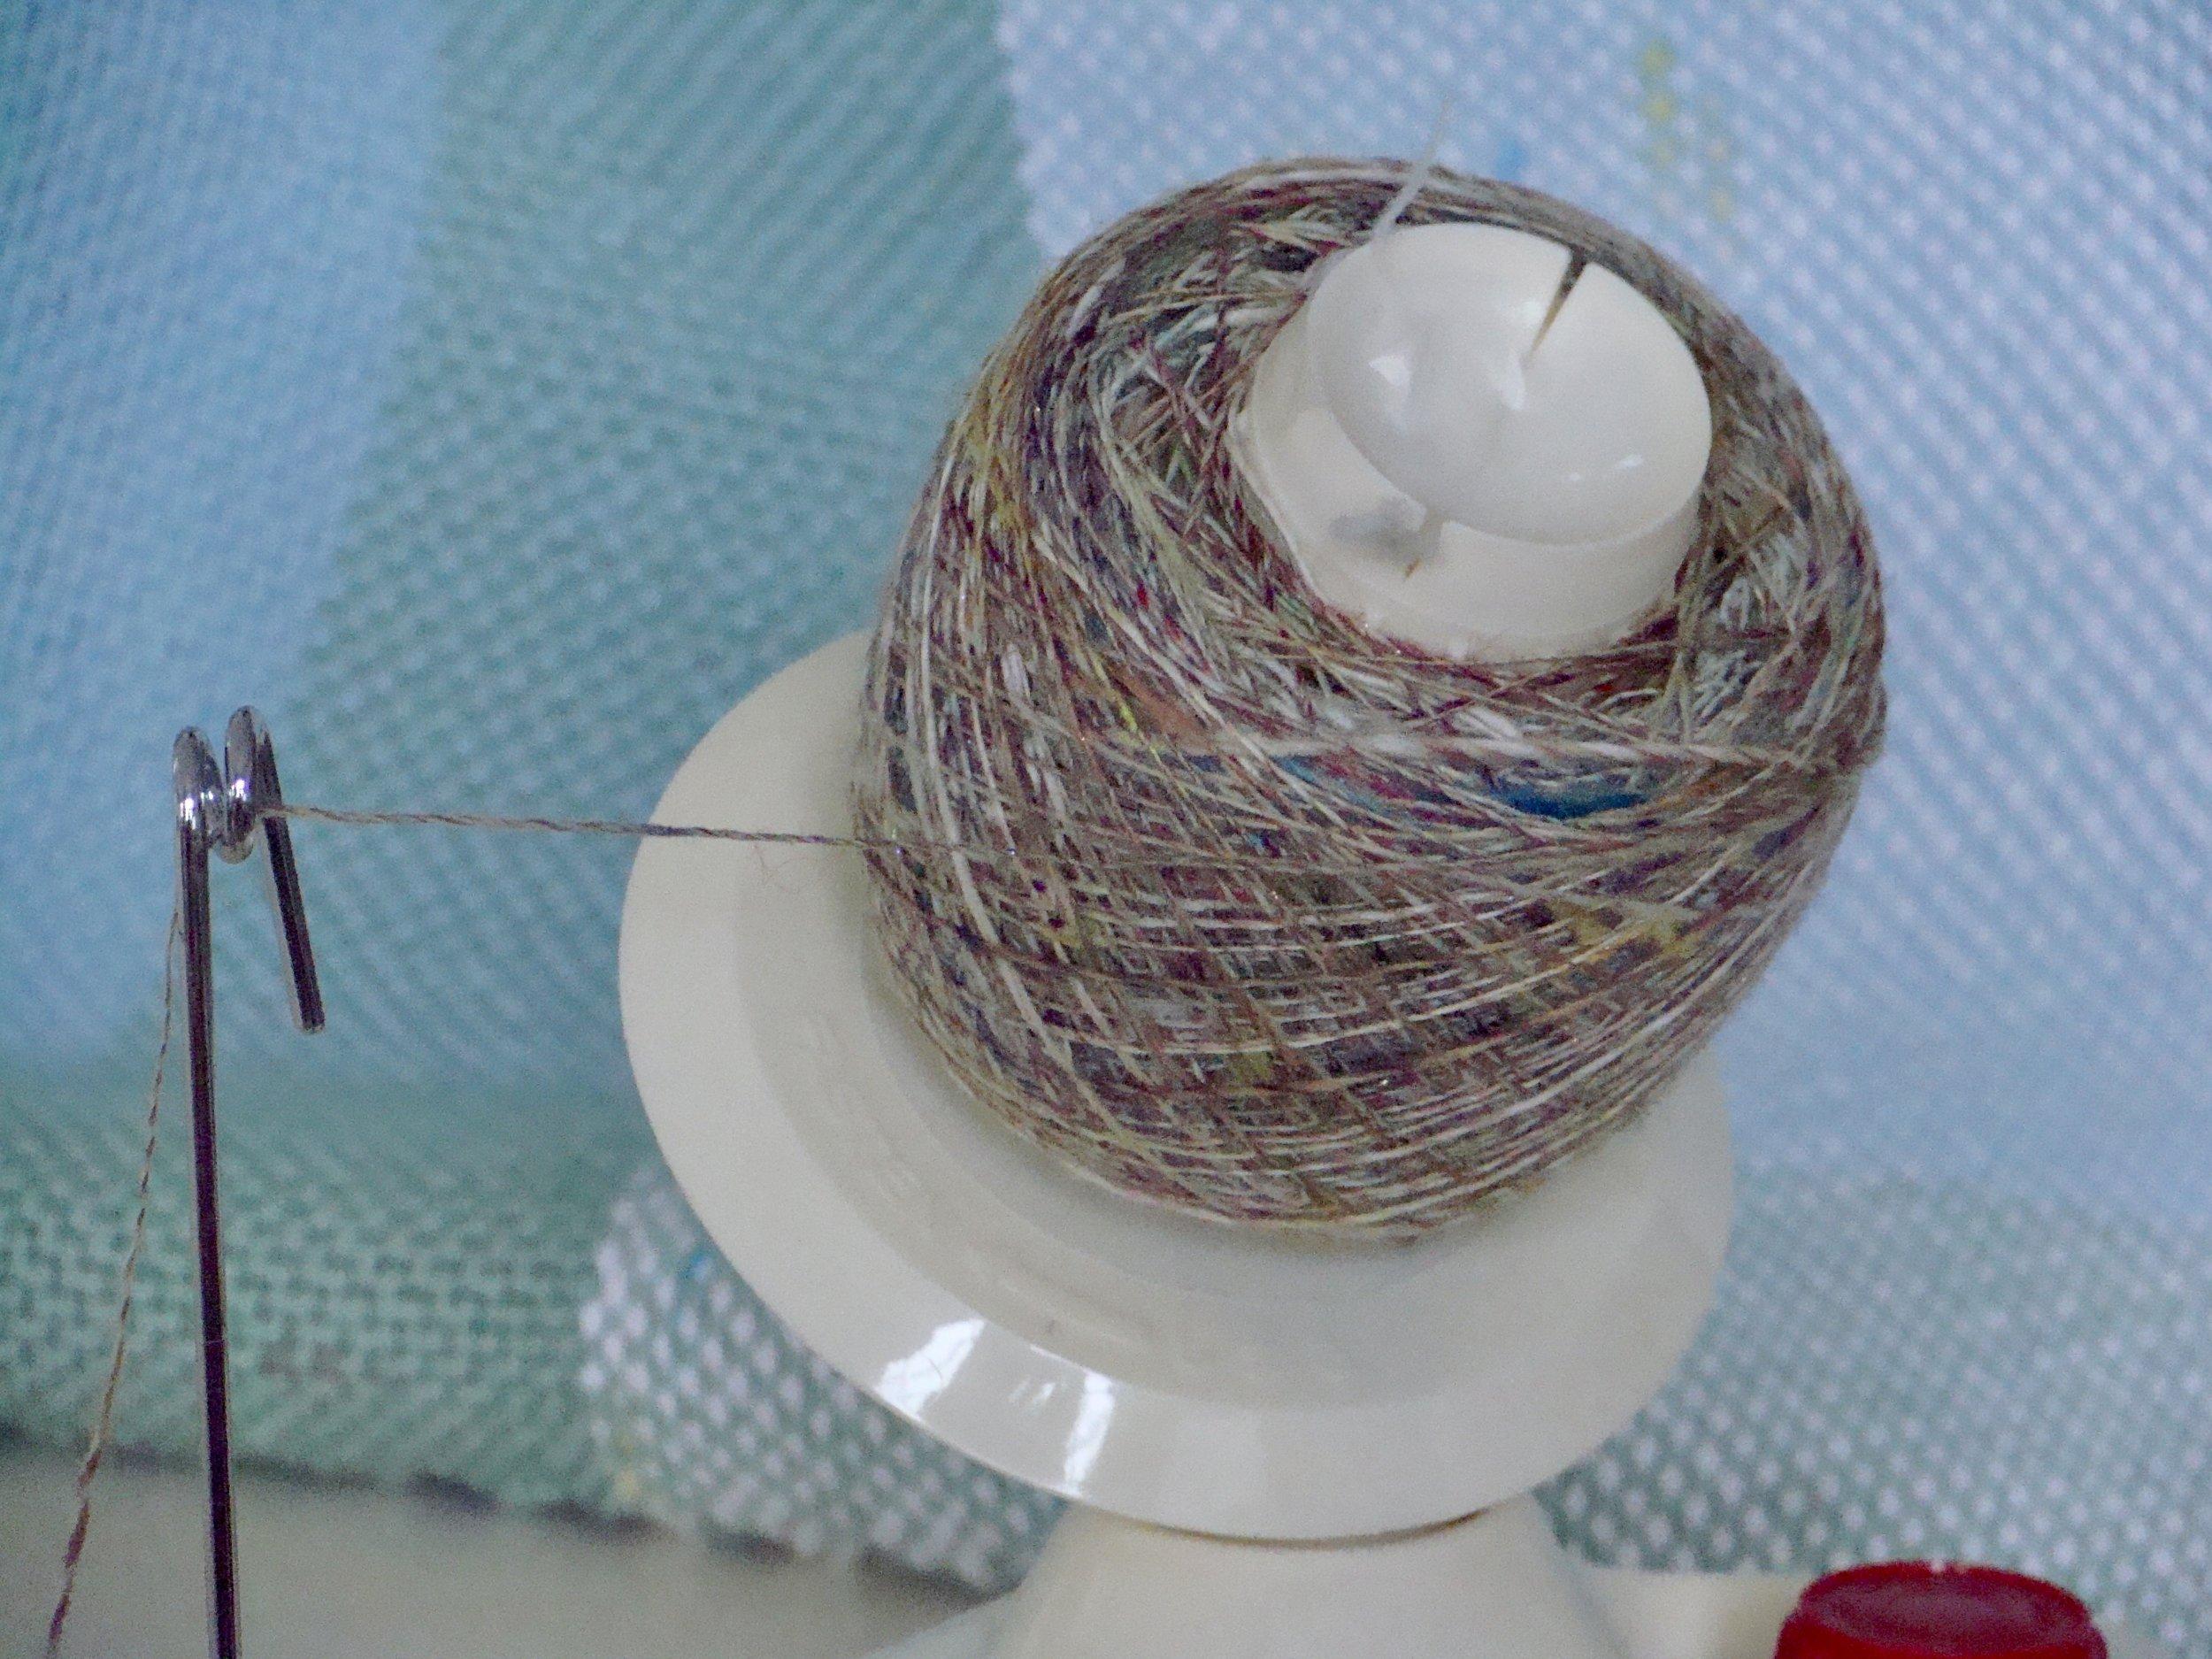 single ply-yarn-handspun-bobbin winder